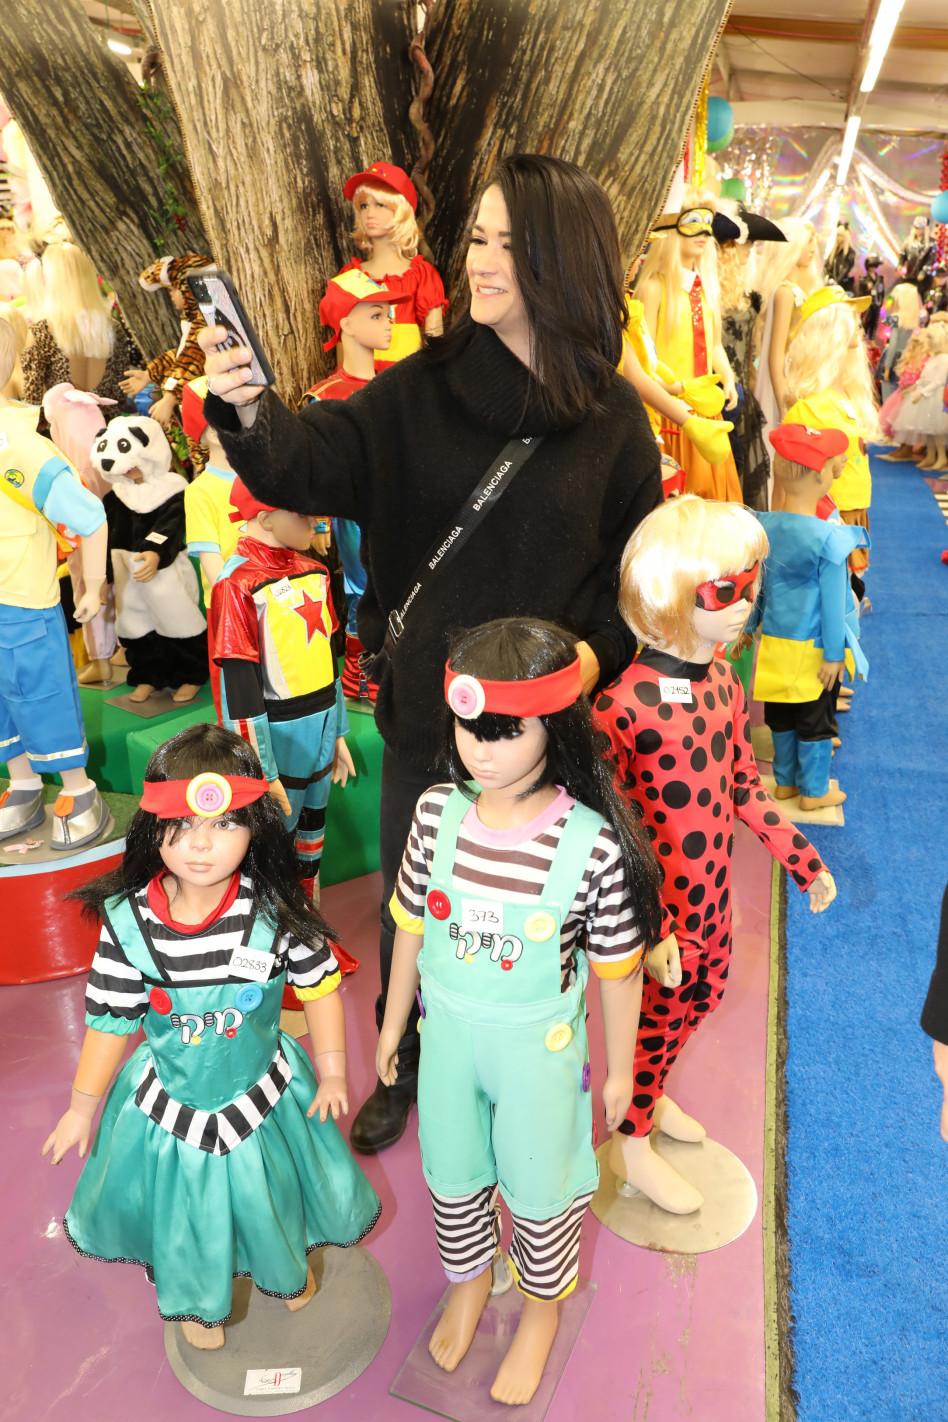 מיקי מוכתר והבובות (צילום: רפי דלויה)